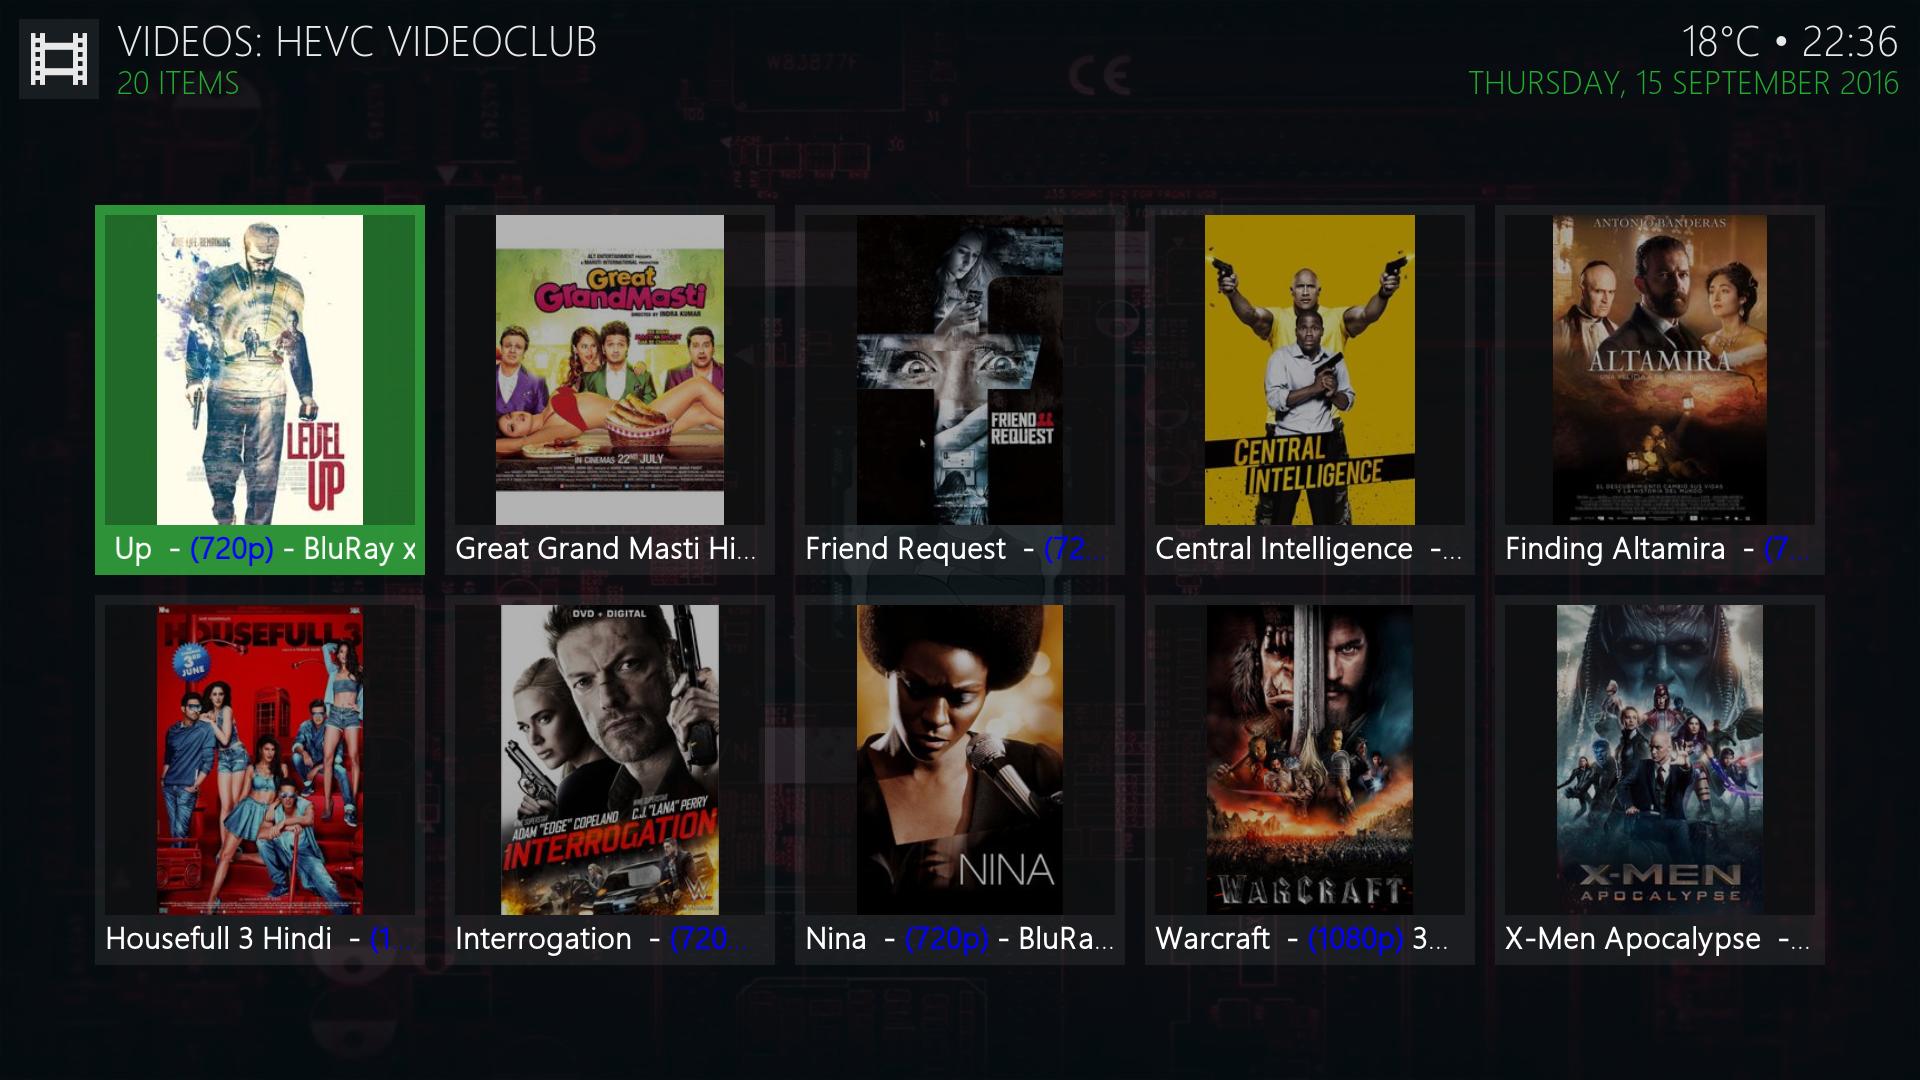 Install Hevc Video Club Kodi Addon